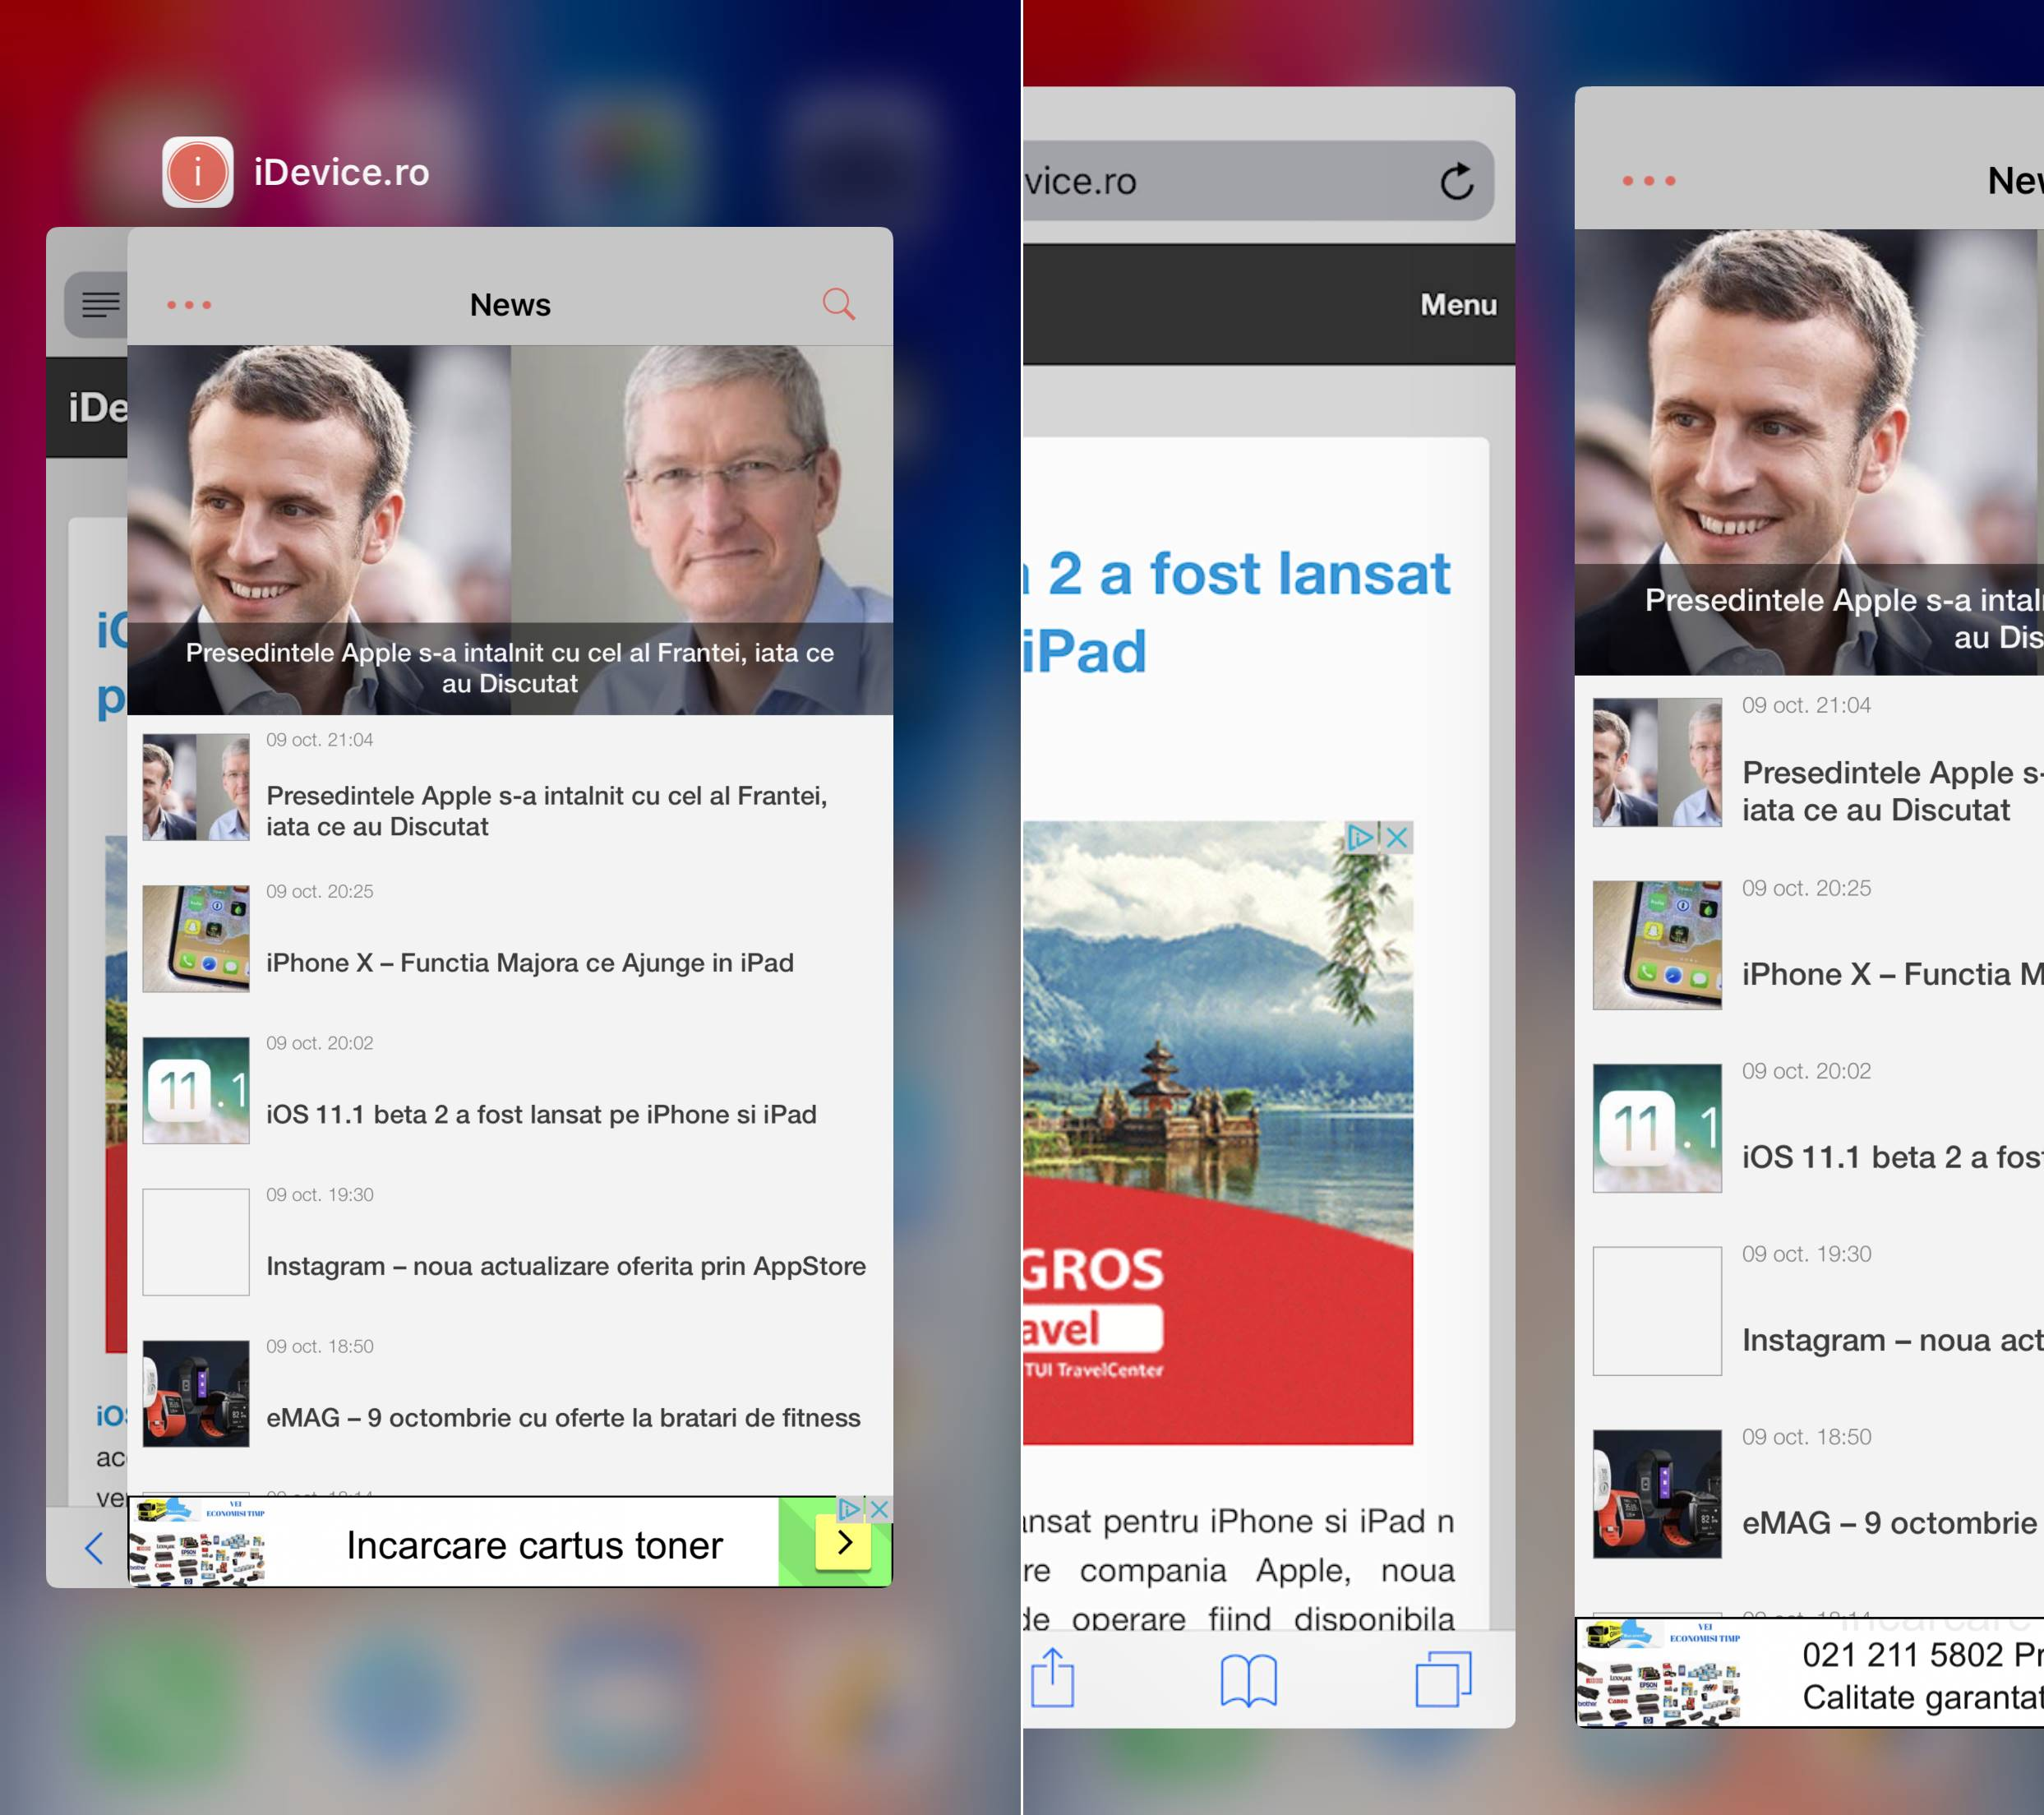 iOS 11.1 beta 2 Functie Utila iPhone 1